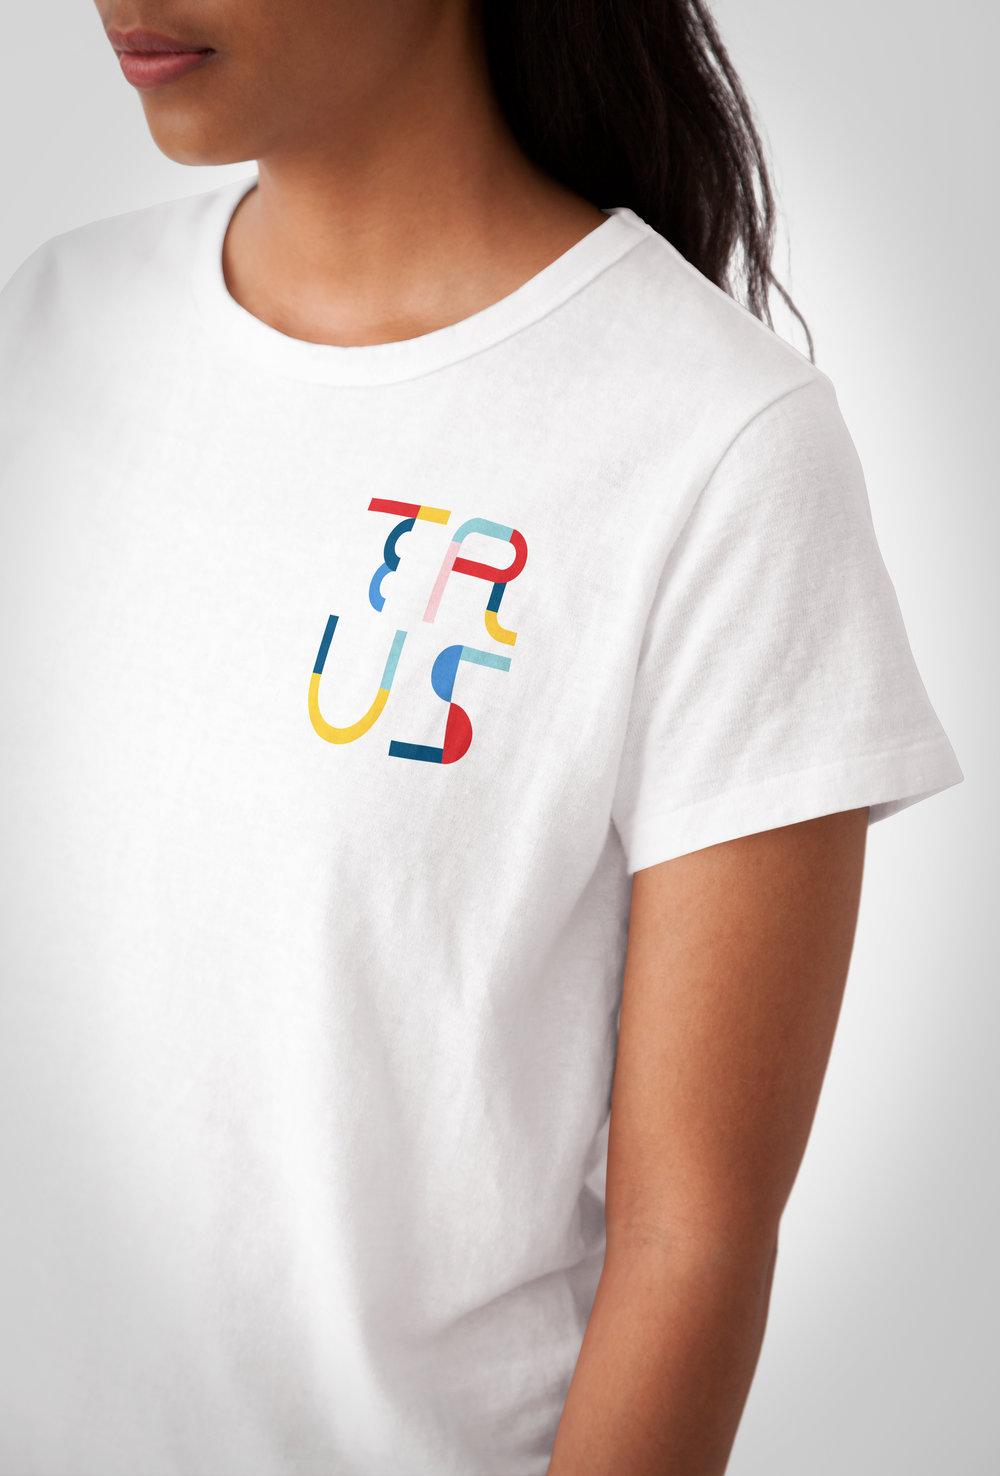 trus_shirt.jpg